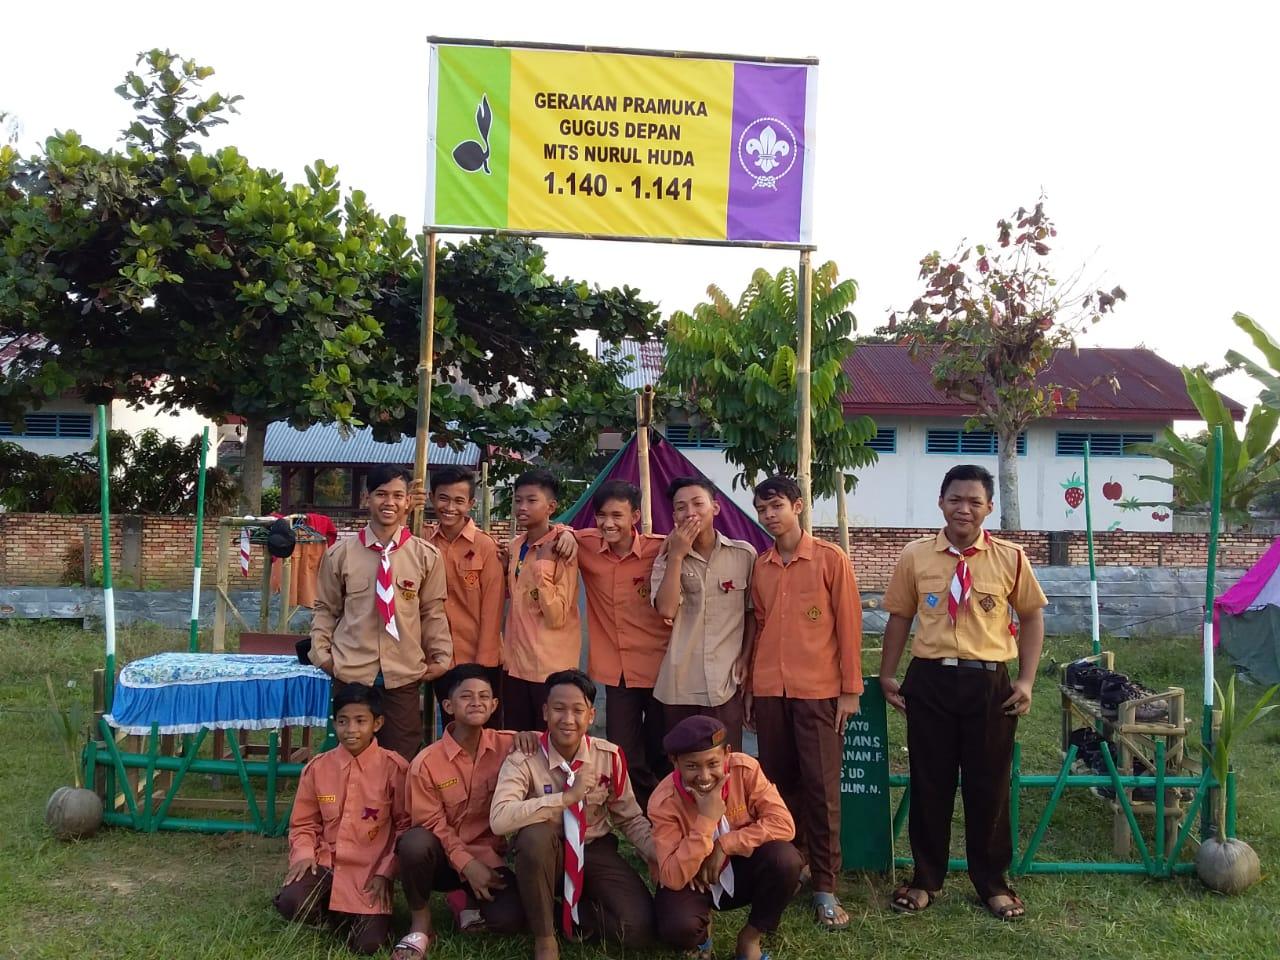 Pramuka MTs Nurul Huda Tandun Bawa Piala Juara I di Perjusami SMAN 2 Tandun Tahun 2019